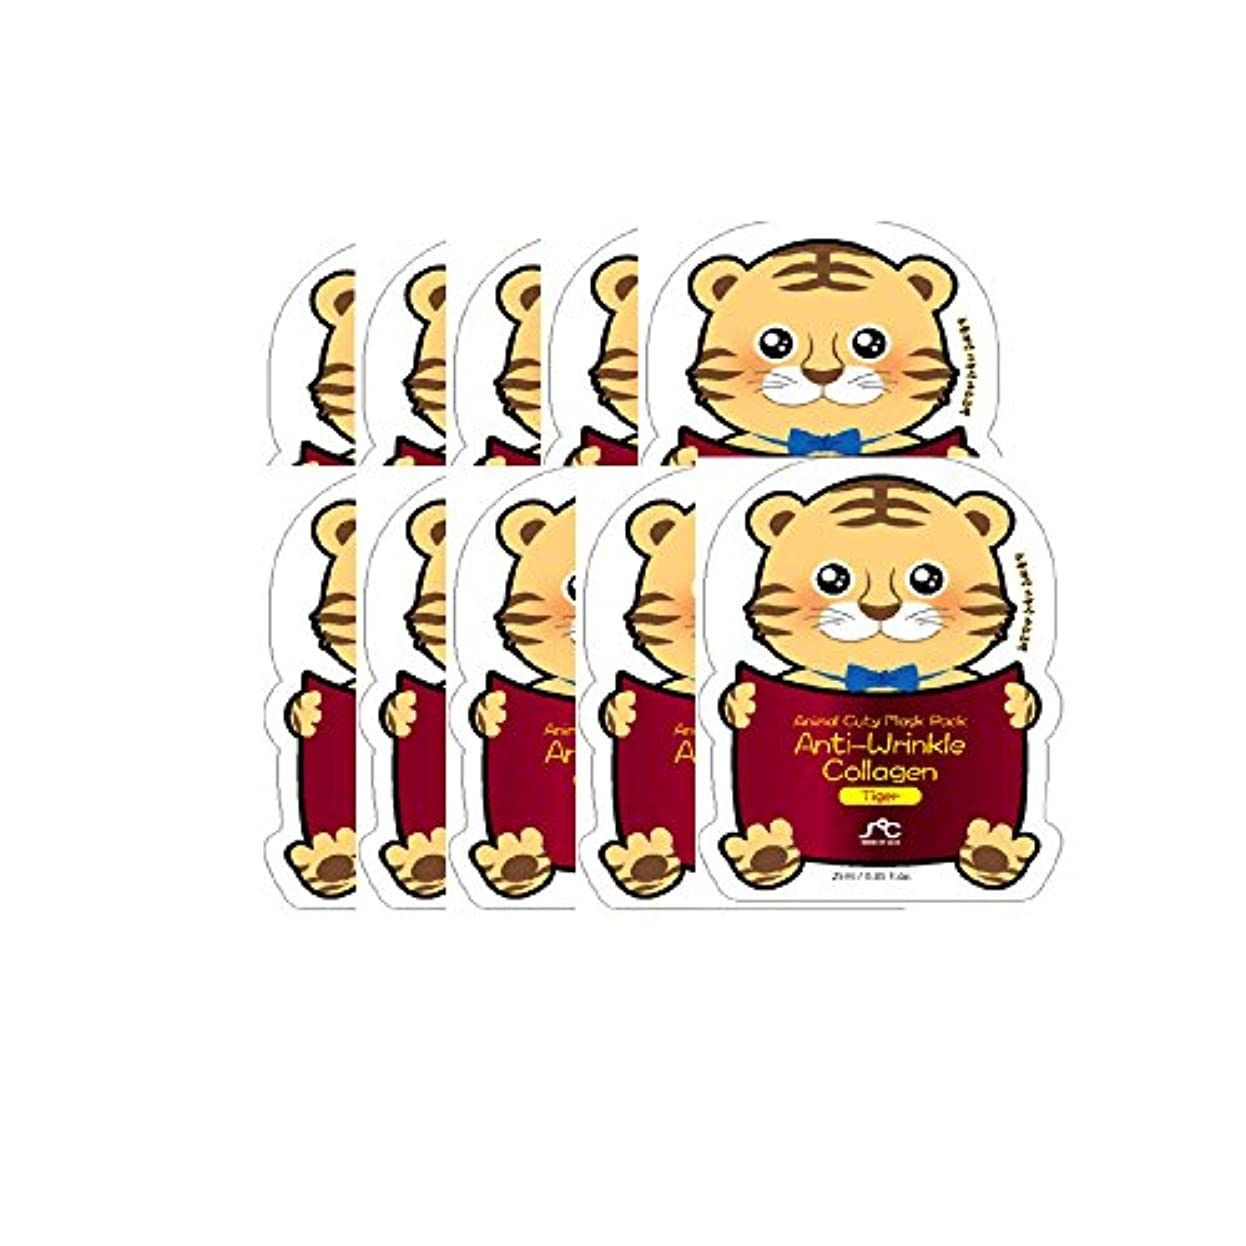 コンテンツ円形の兵士Asamo 動物キューティーマスクパックアンチリンクルコラーゲンタイガー(10枚)